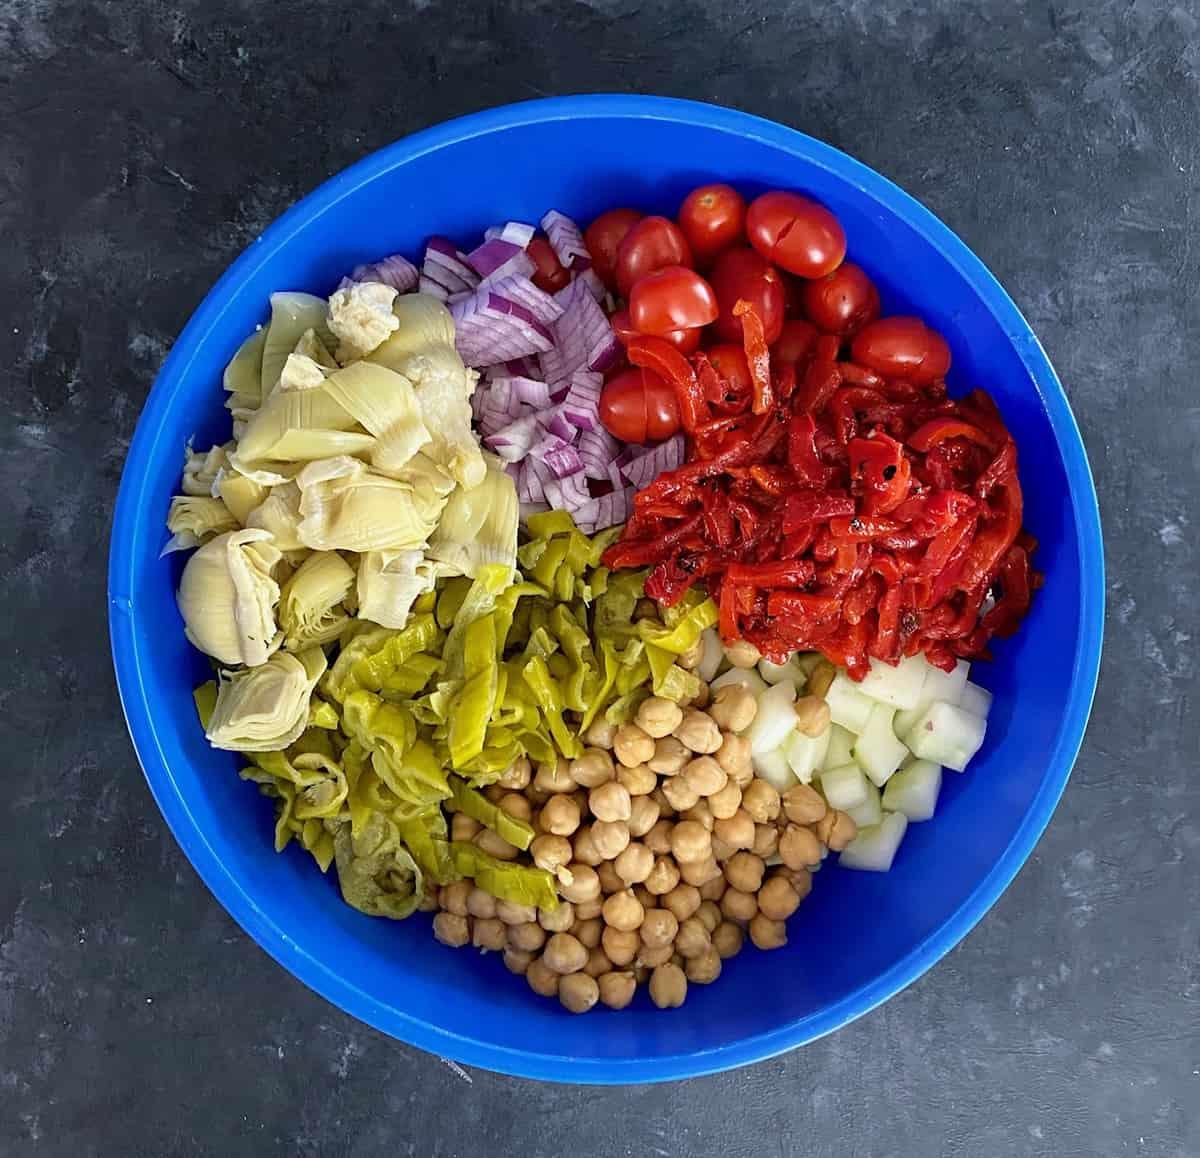 ingredients to make vegan pasta salad